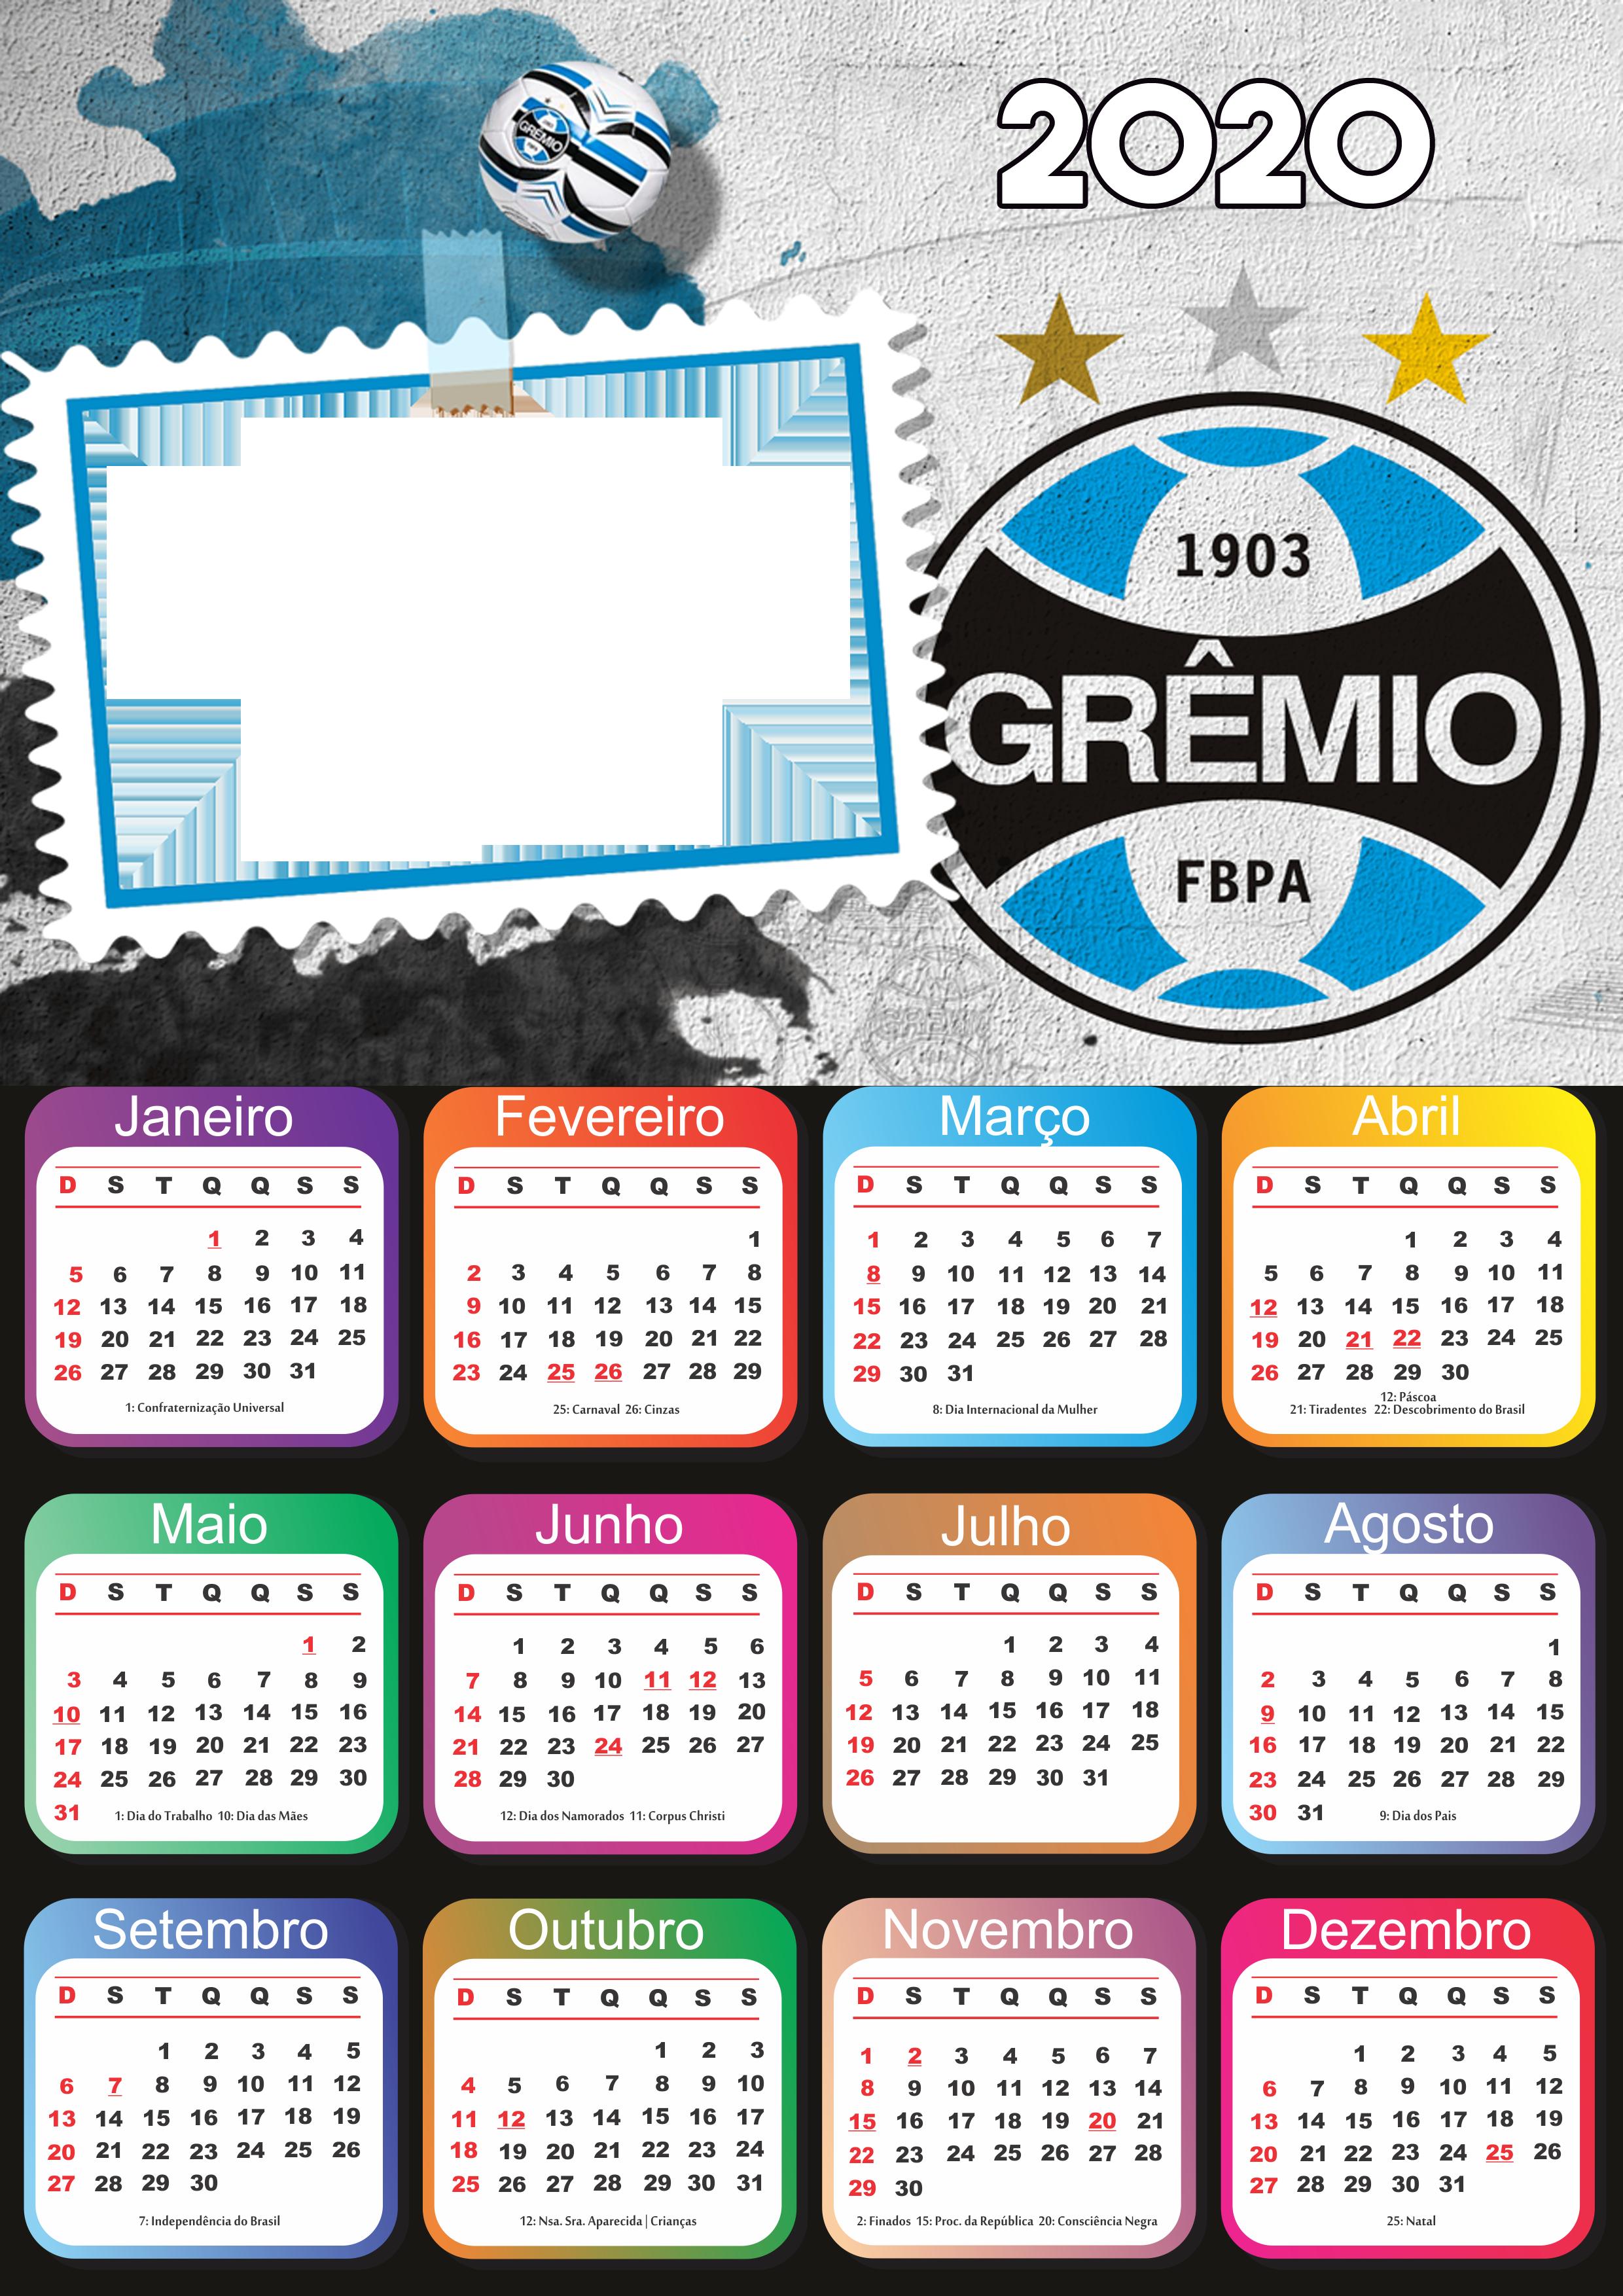 Calendário 2020 do Grêmio PNG